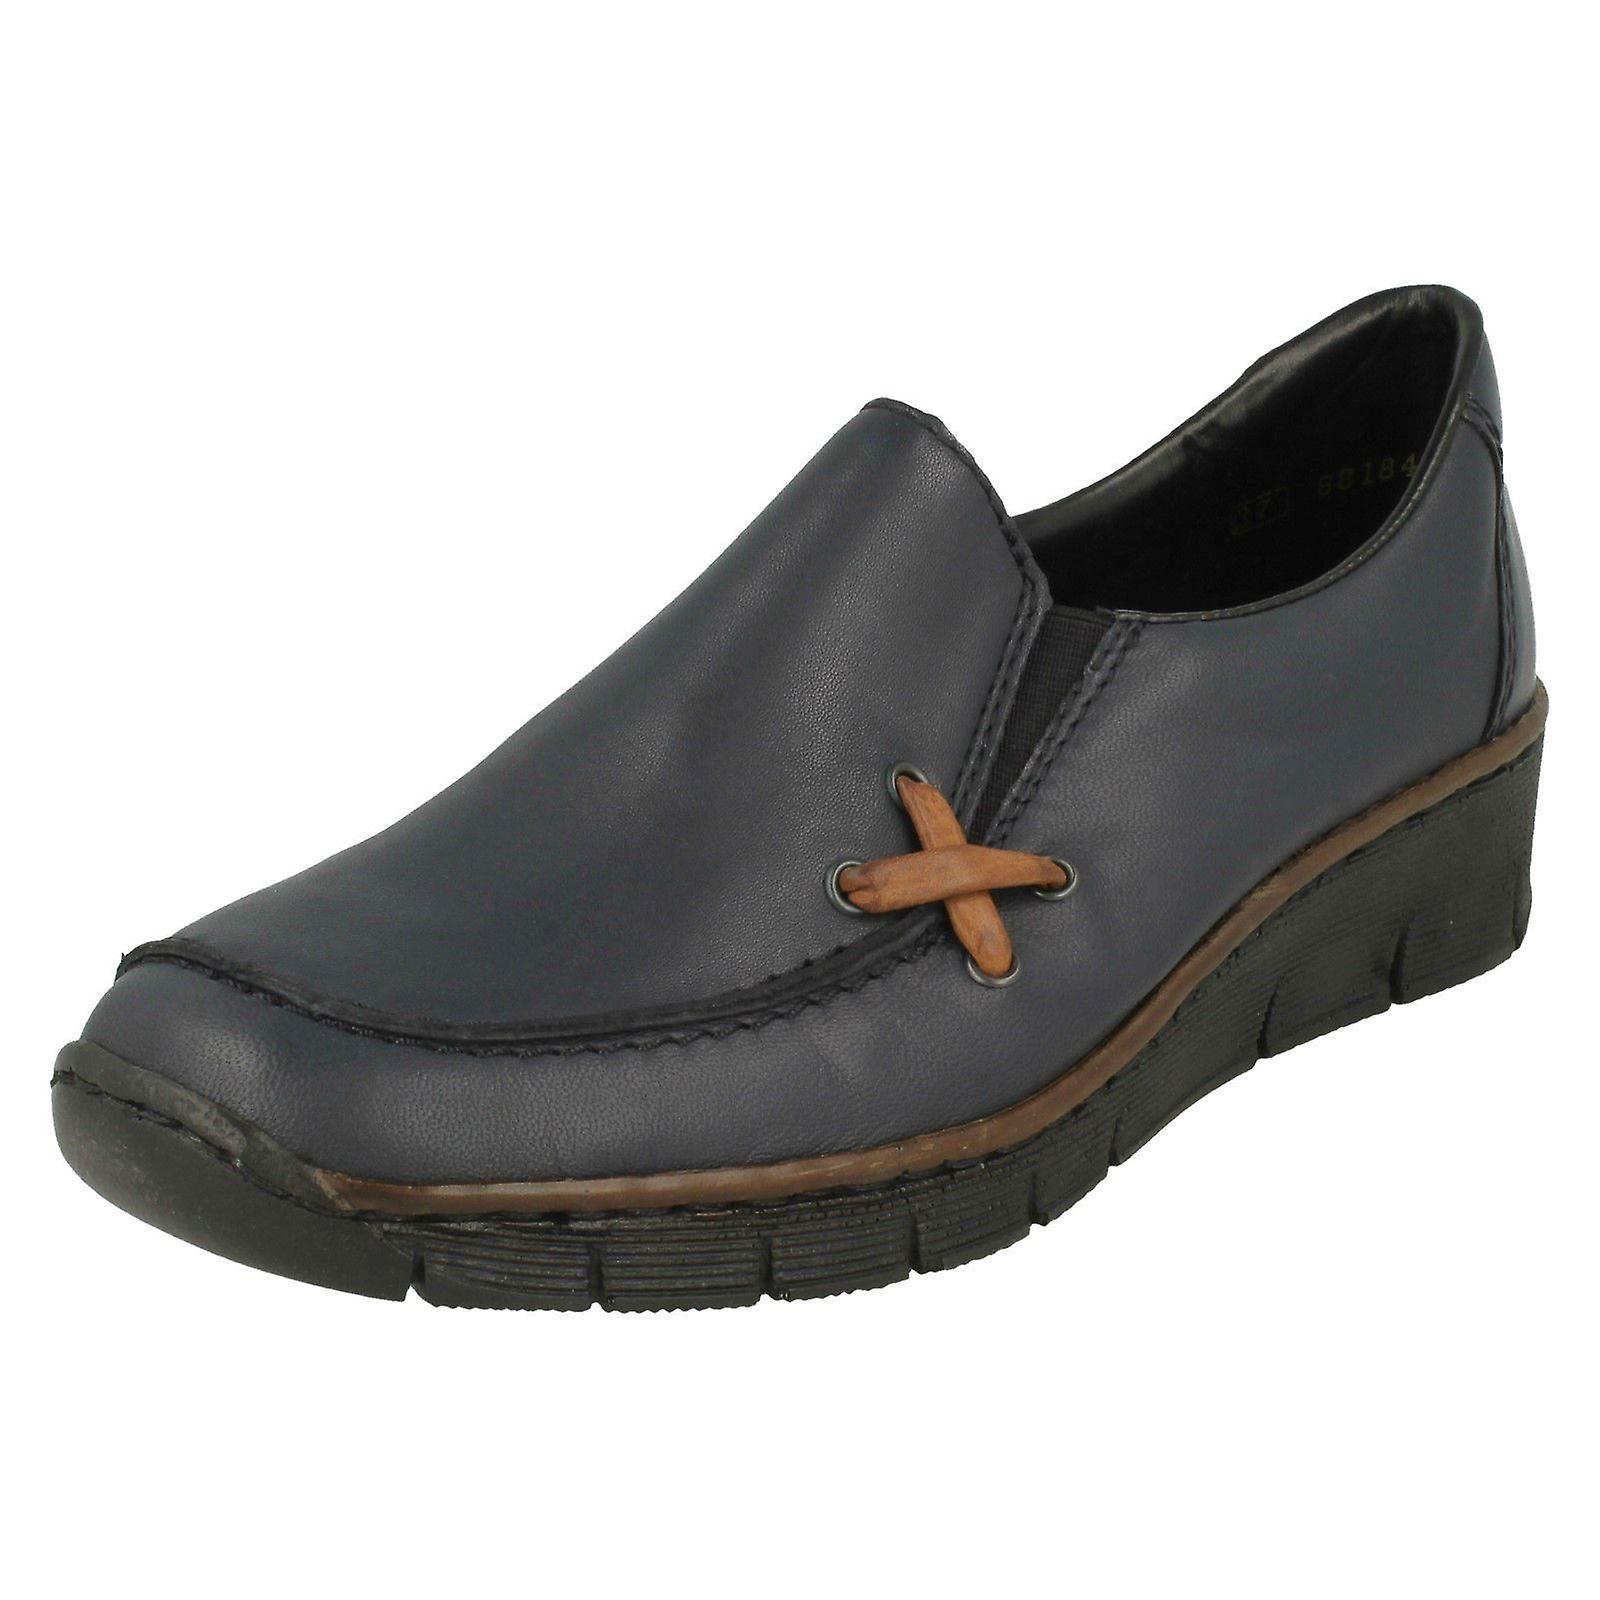 Ladies Rieker Wedge Heel Shoes 53783